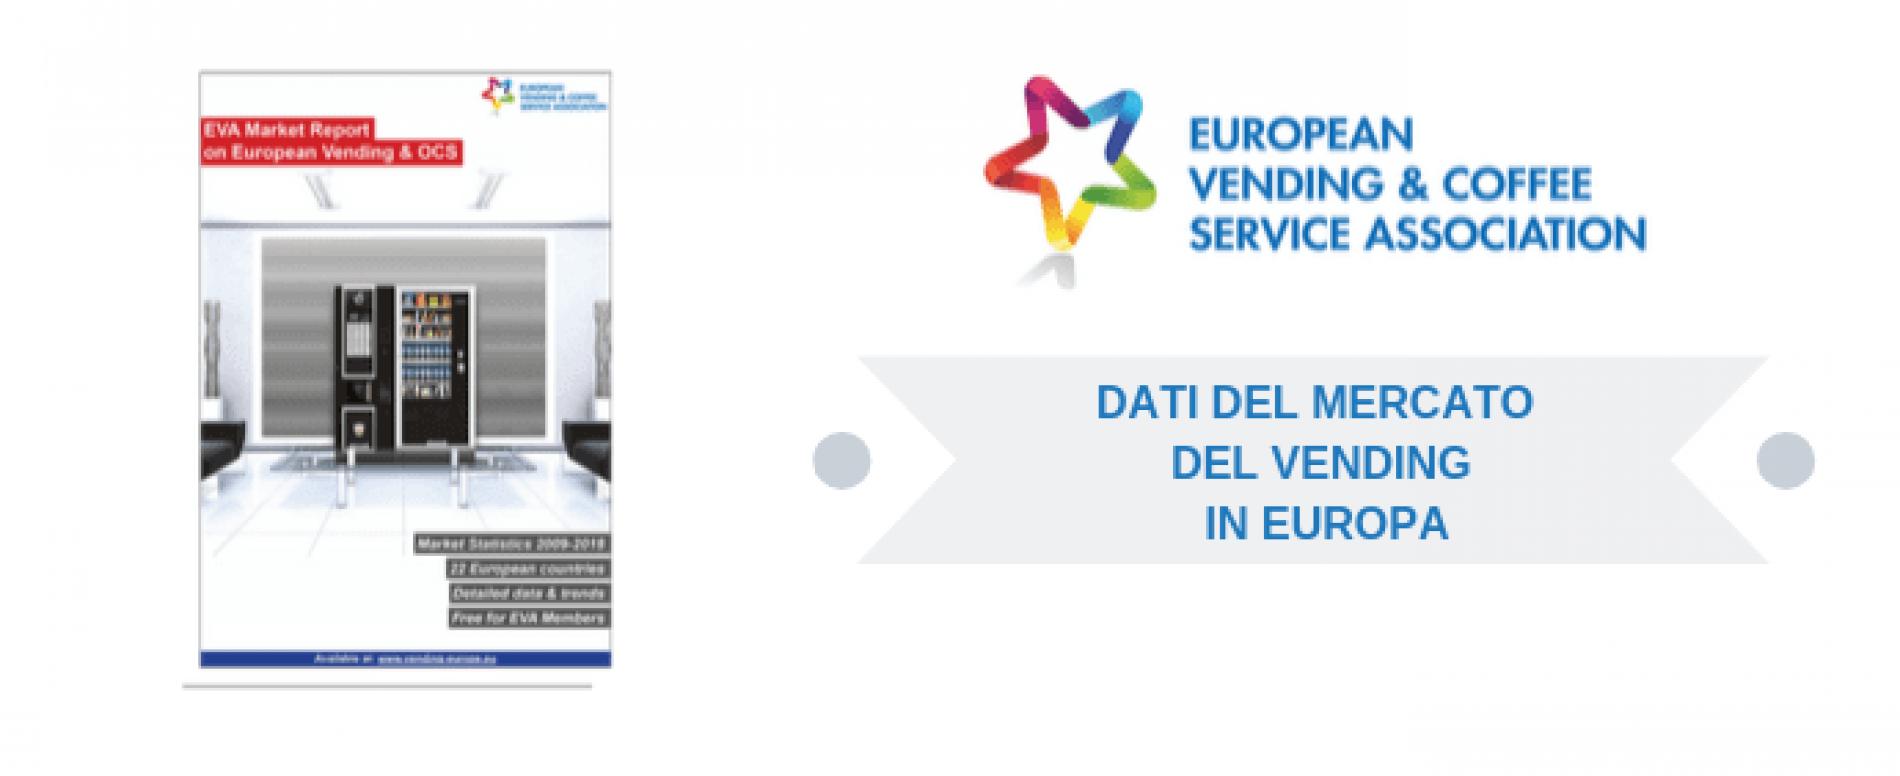 Disponibile il rapporto annuale dell'EVA sul mercato europeo del Vending